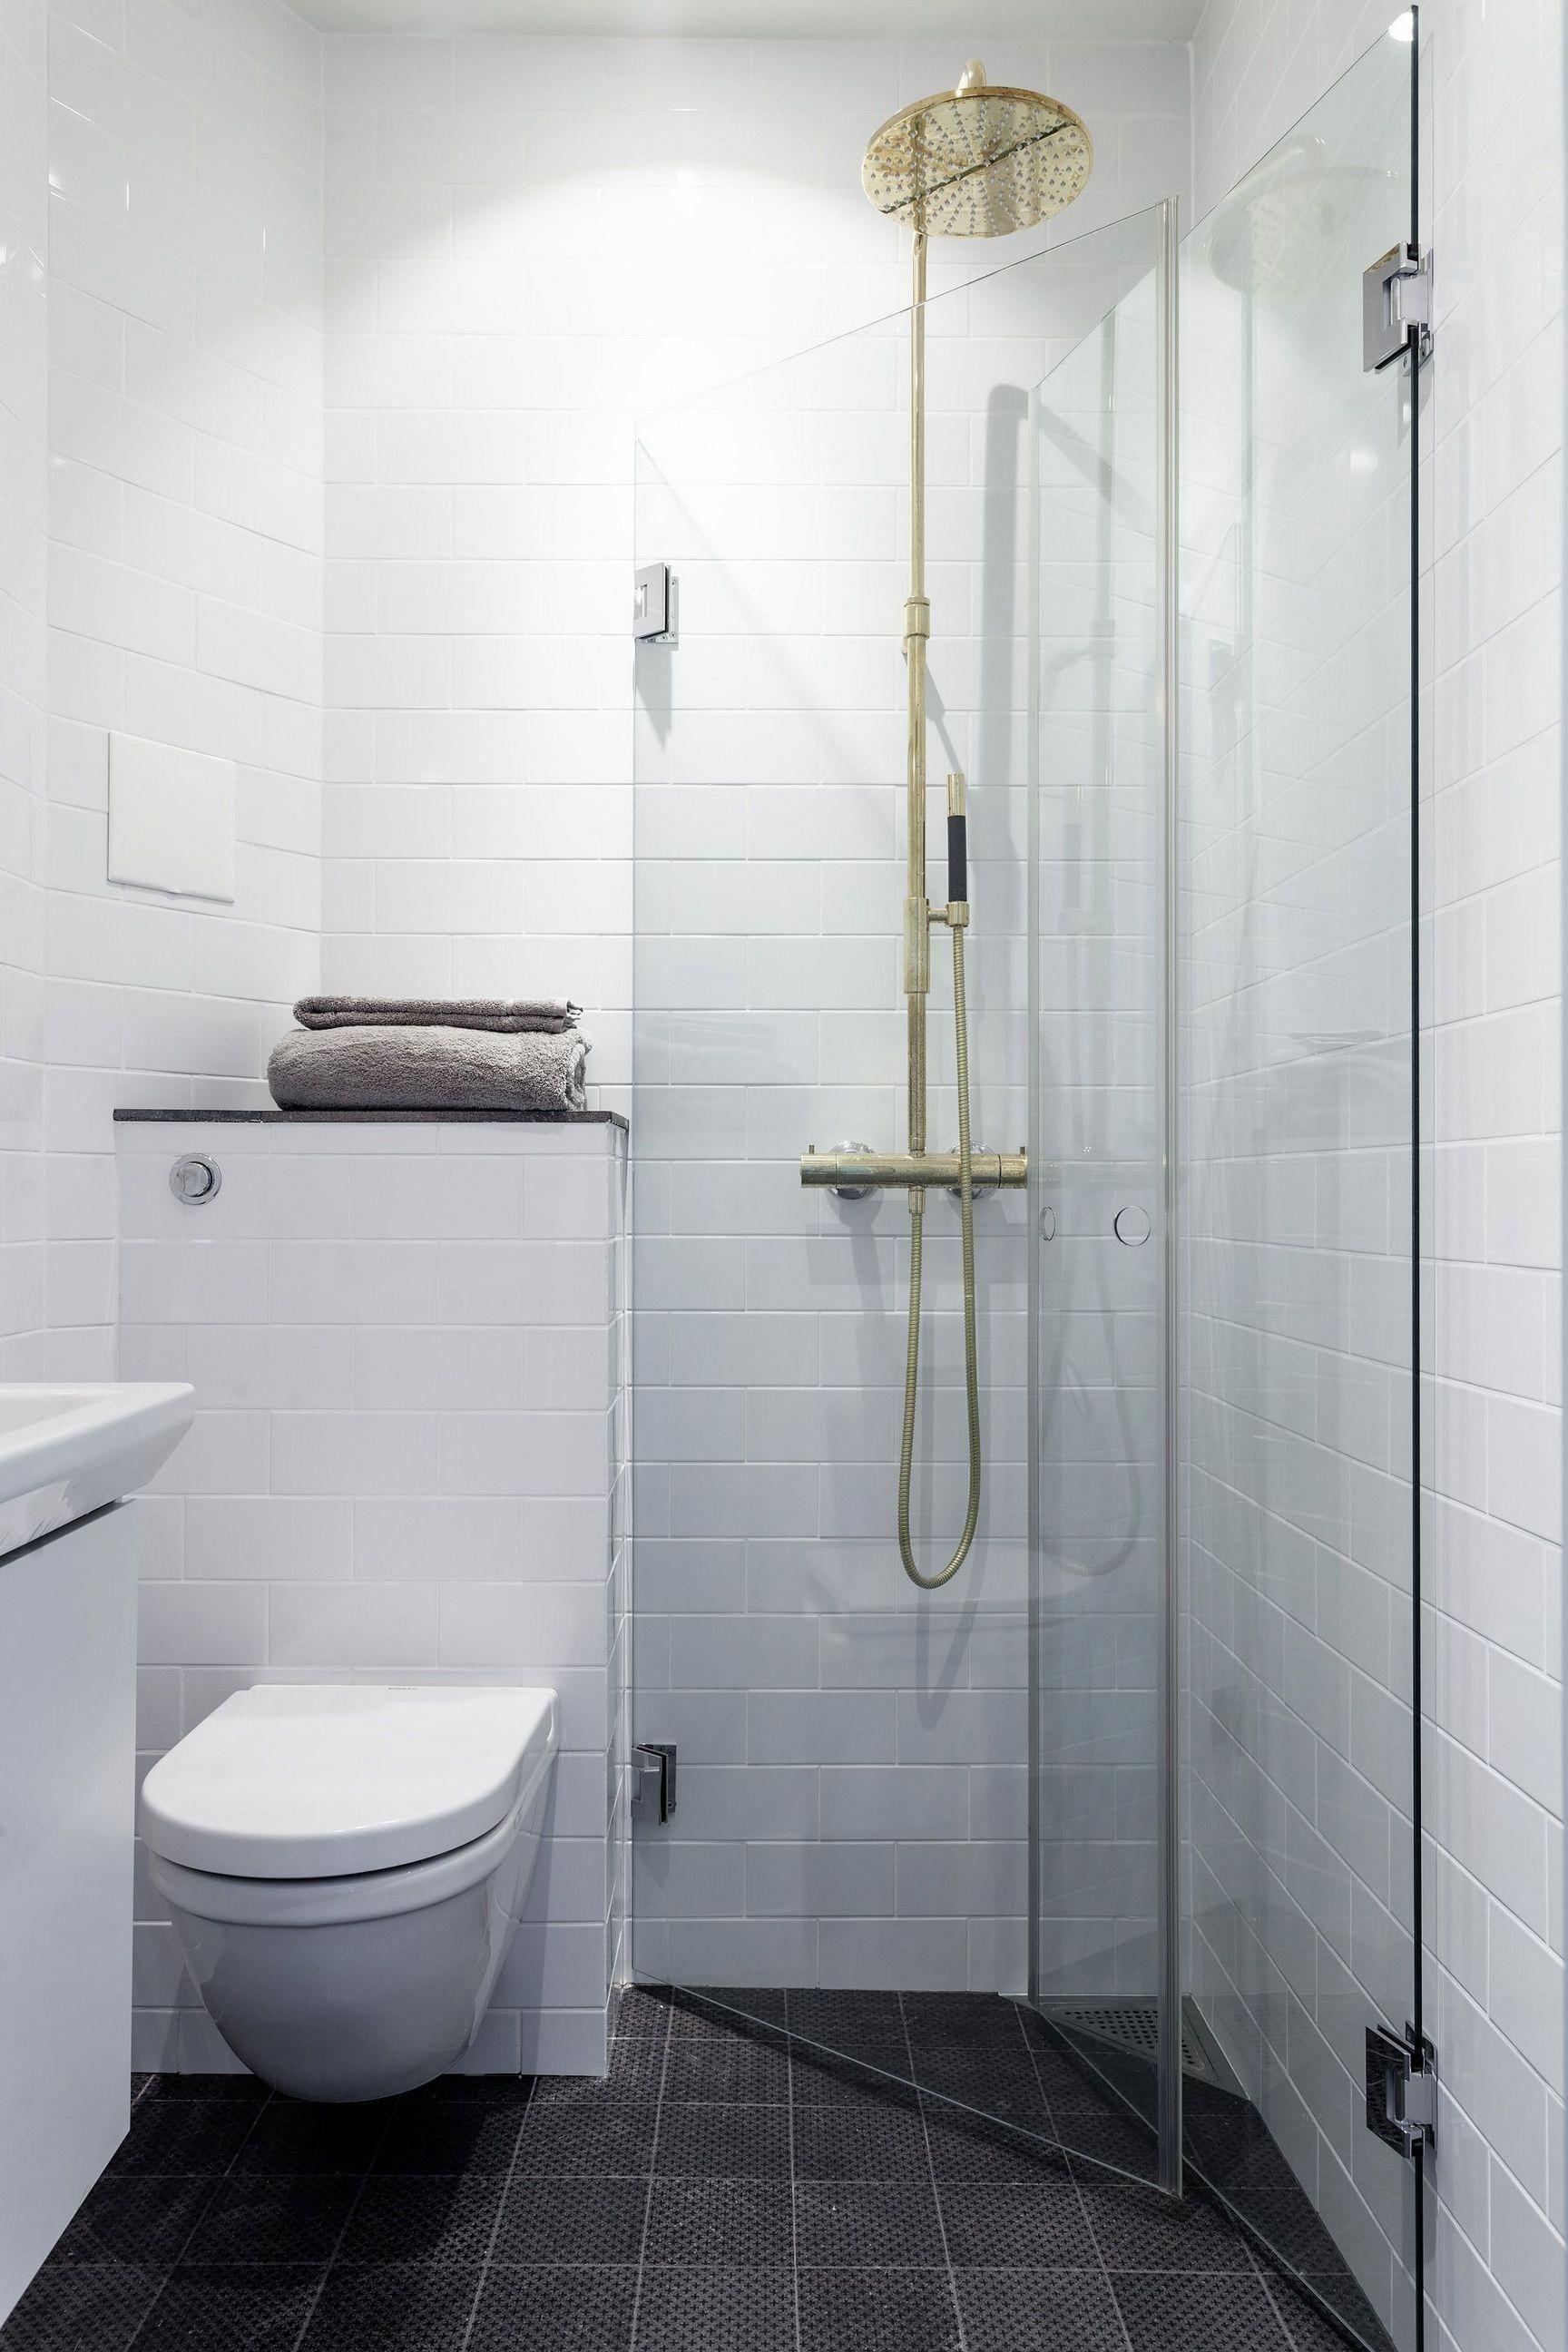 60 Brilliant Cute Small Bathroom Remodel Ideas Bagni Moderni Bagno Piccolo Bagno